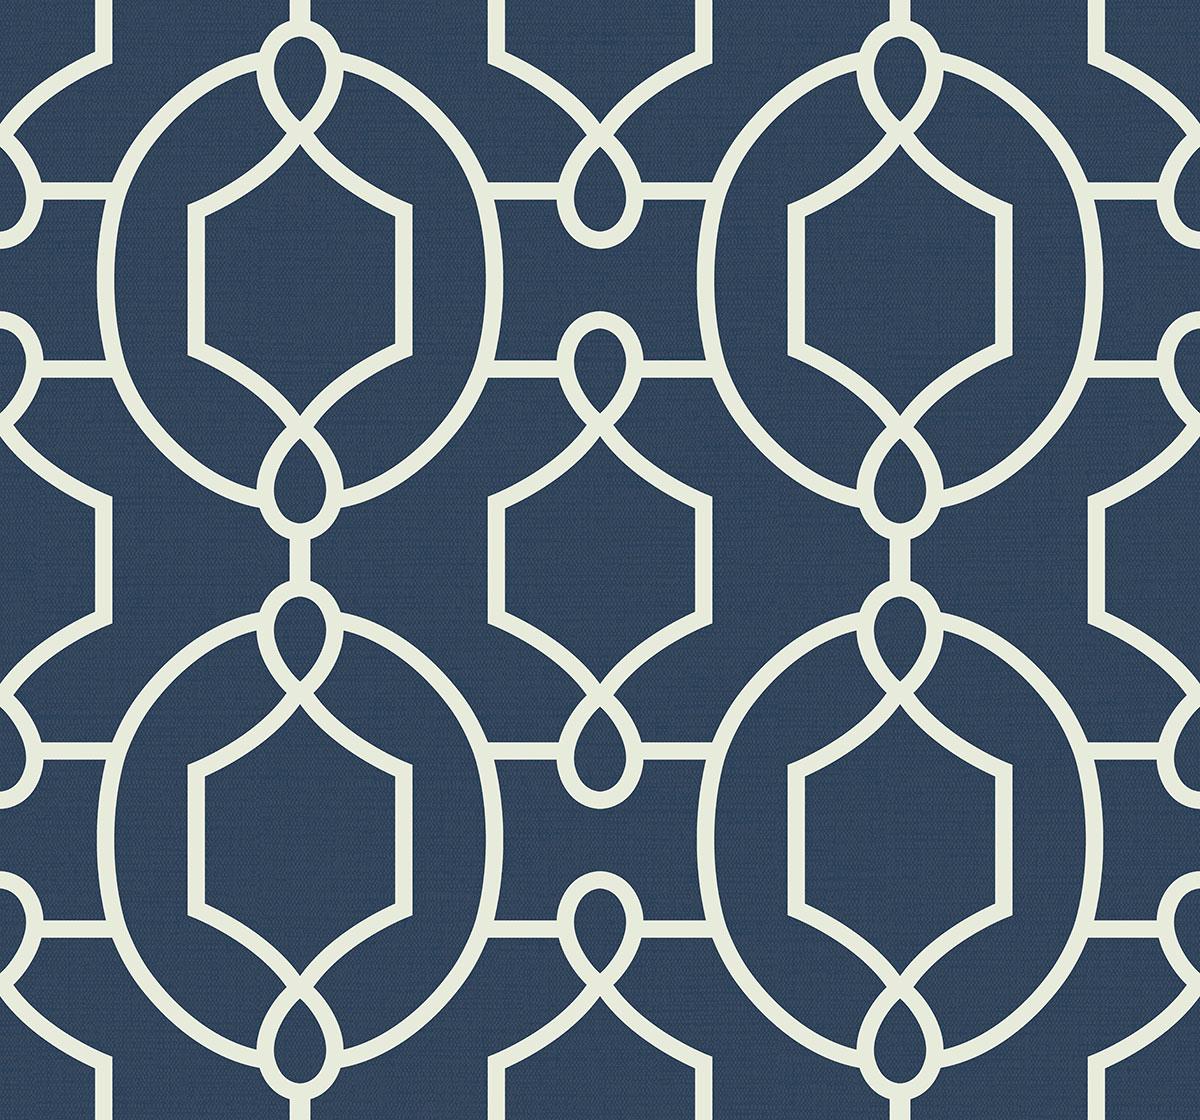 Tapeta Marynistyczna Geometryczna Geometria Granatowa The